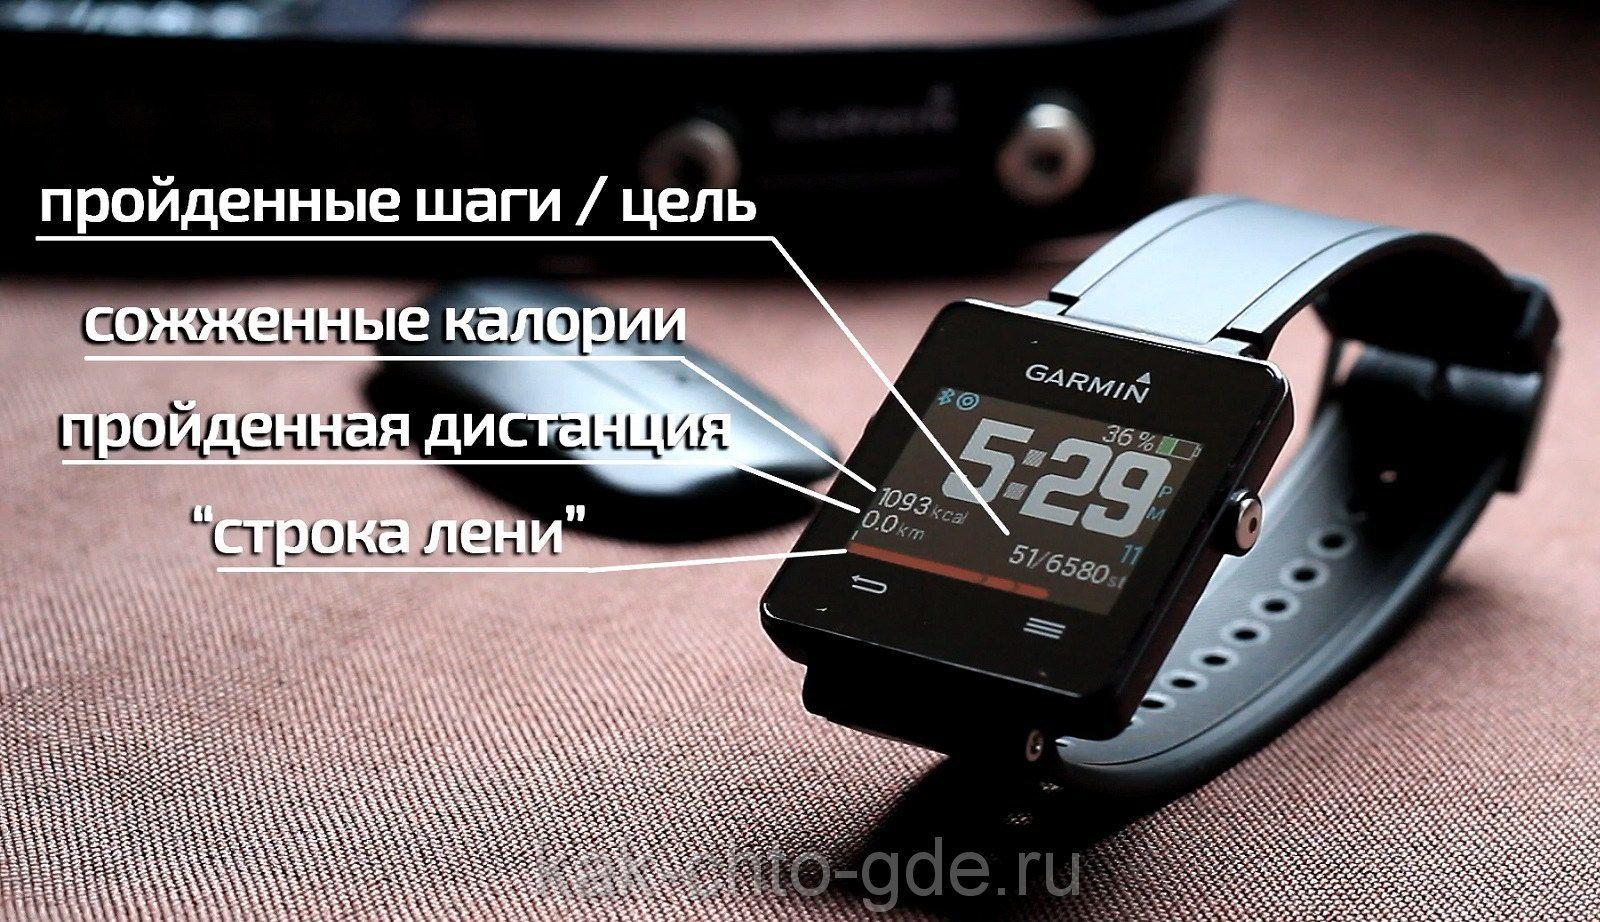 Obzor_Garmin_Vivoactive_chasy_dlya_sporta_bigtime